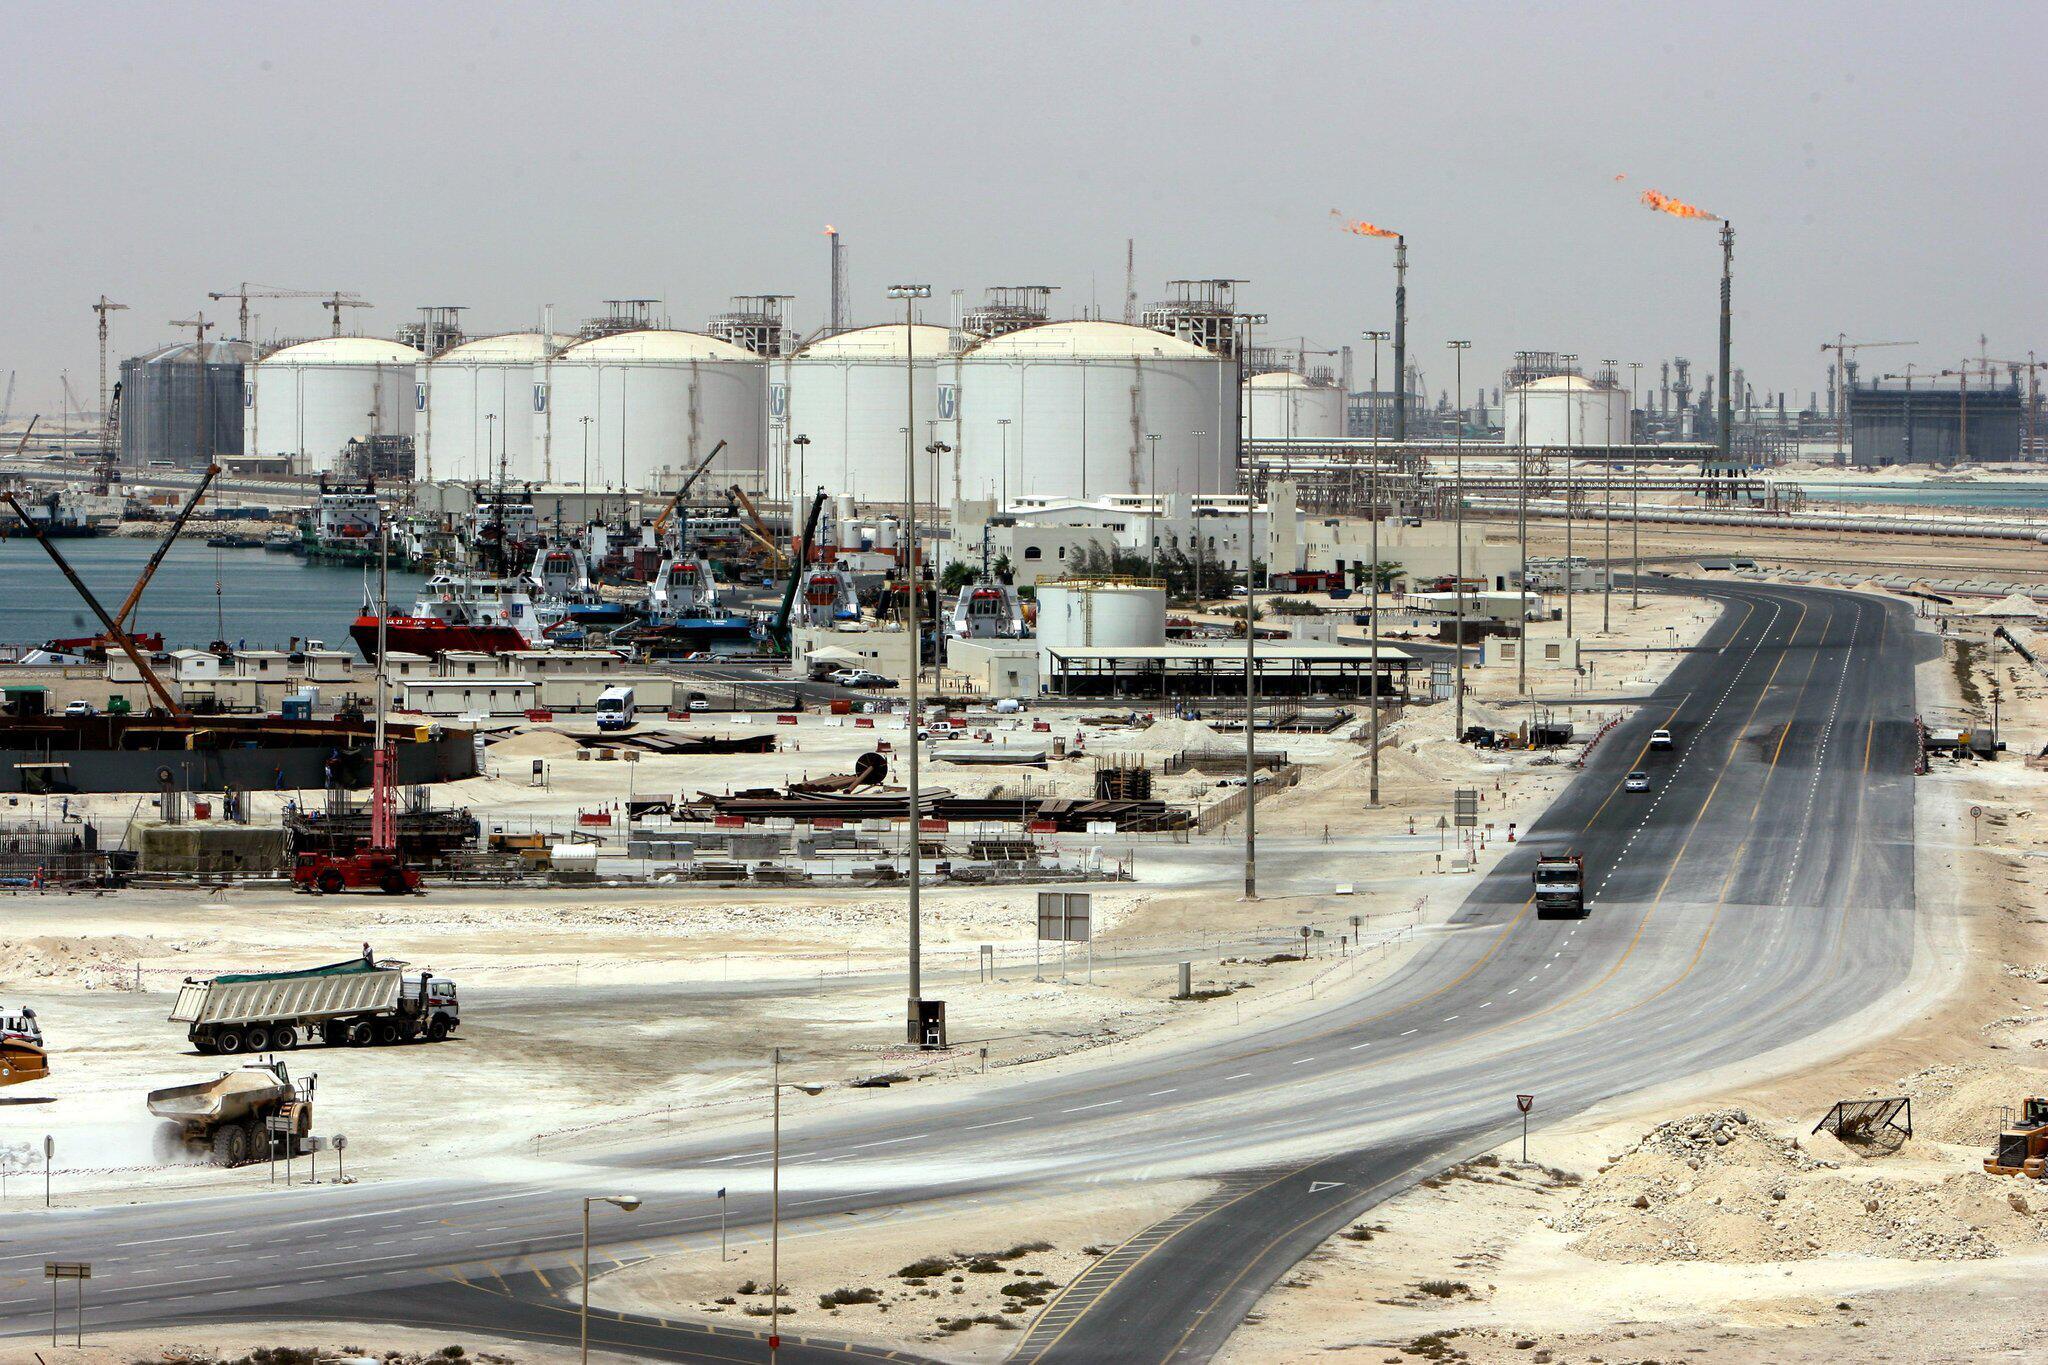 Katar steigt aus Ölkartell Opec aus - Thema des Tages